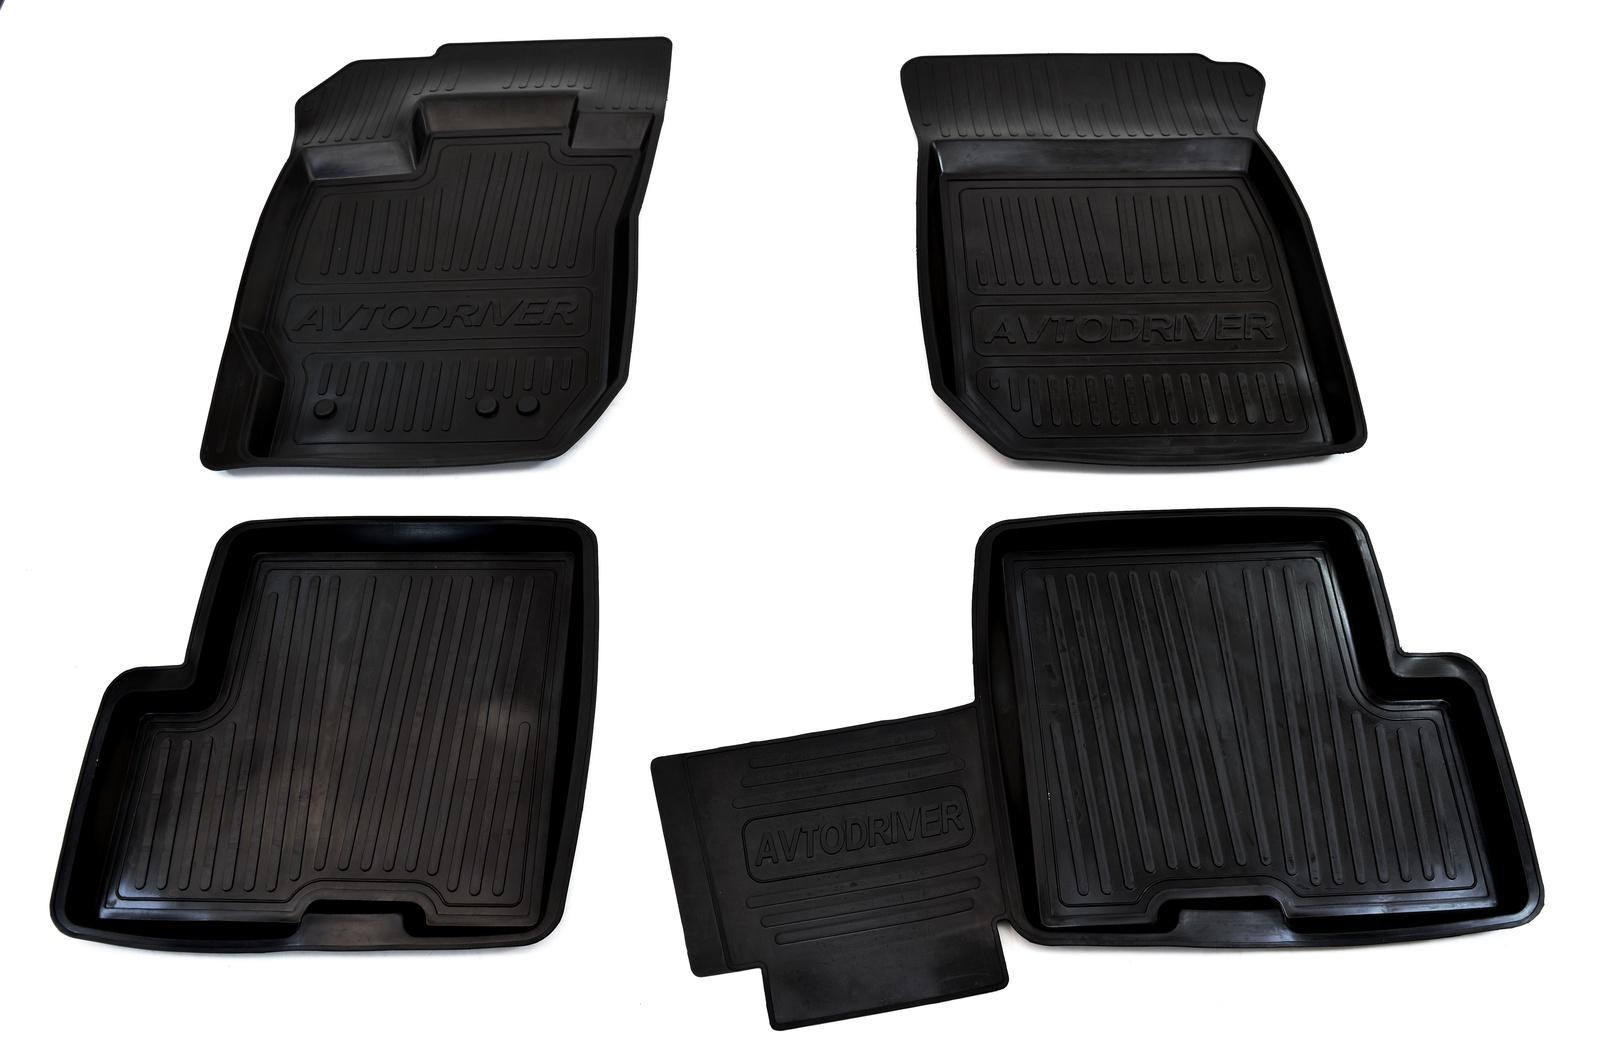 Коврики салона Avtodriver для Renault Sandero (2010-2014) ADRJET026, резиновые, с бортиком, черный коврики салона avtodriver для renault duster передний привод 2011 adrjet023 резиновые с бортиком черный